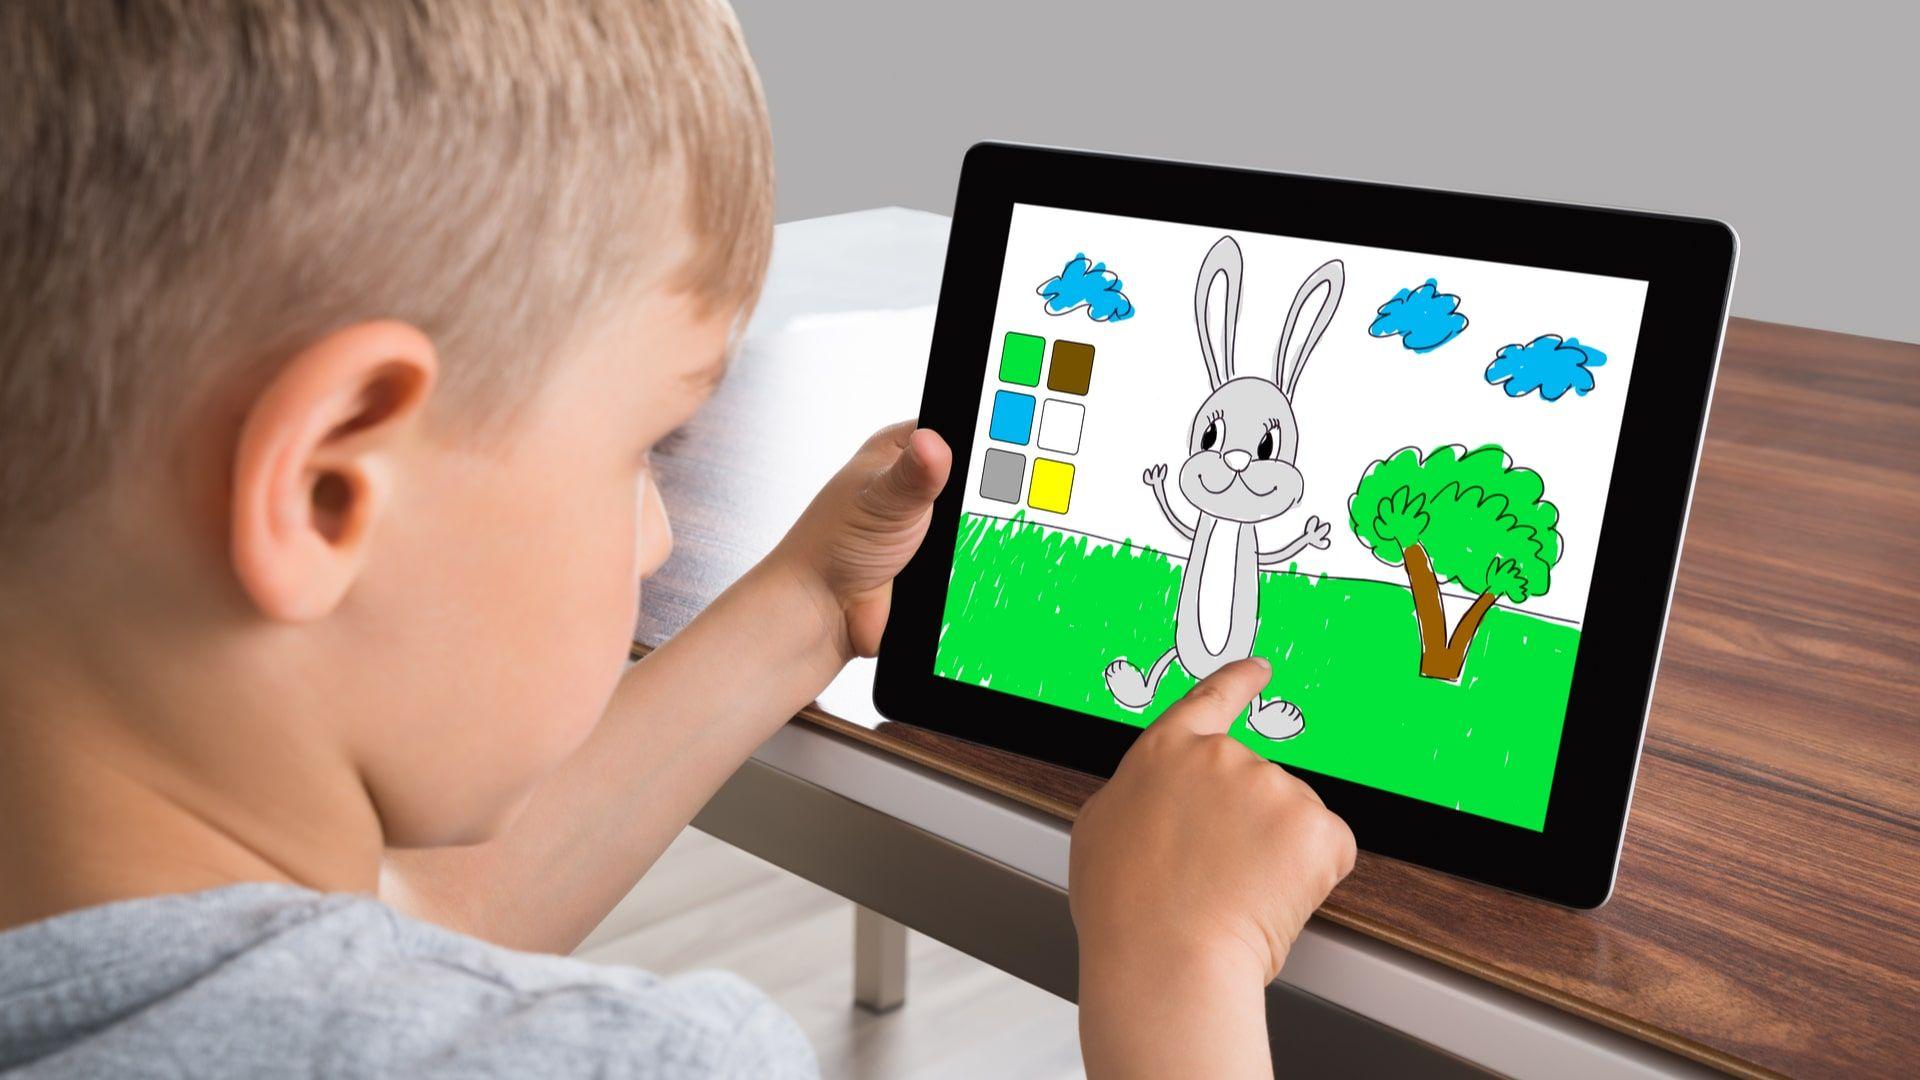 Tablet infantil costuma oferecer recursos educativos e de controle parental (Foto: Shutterstock)